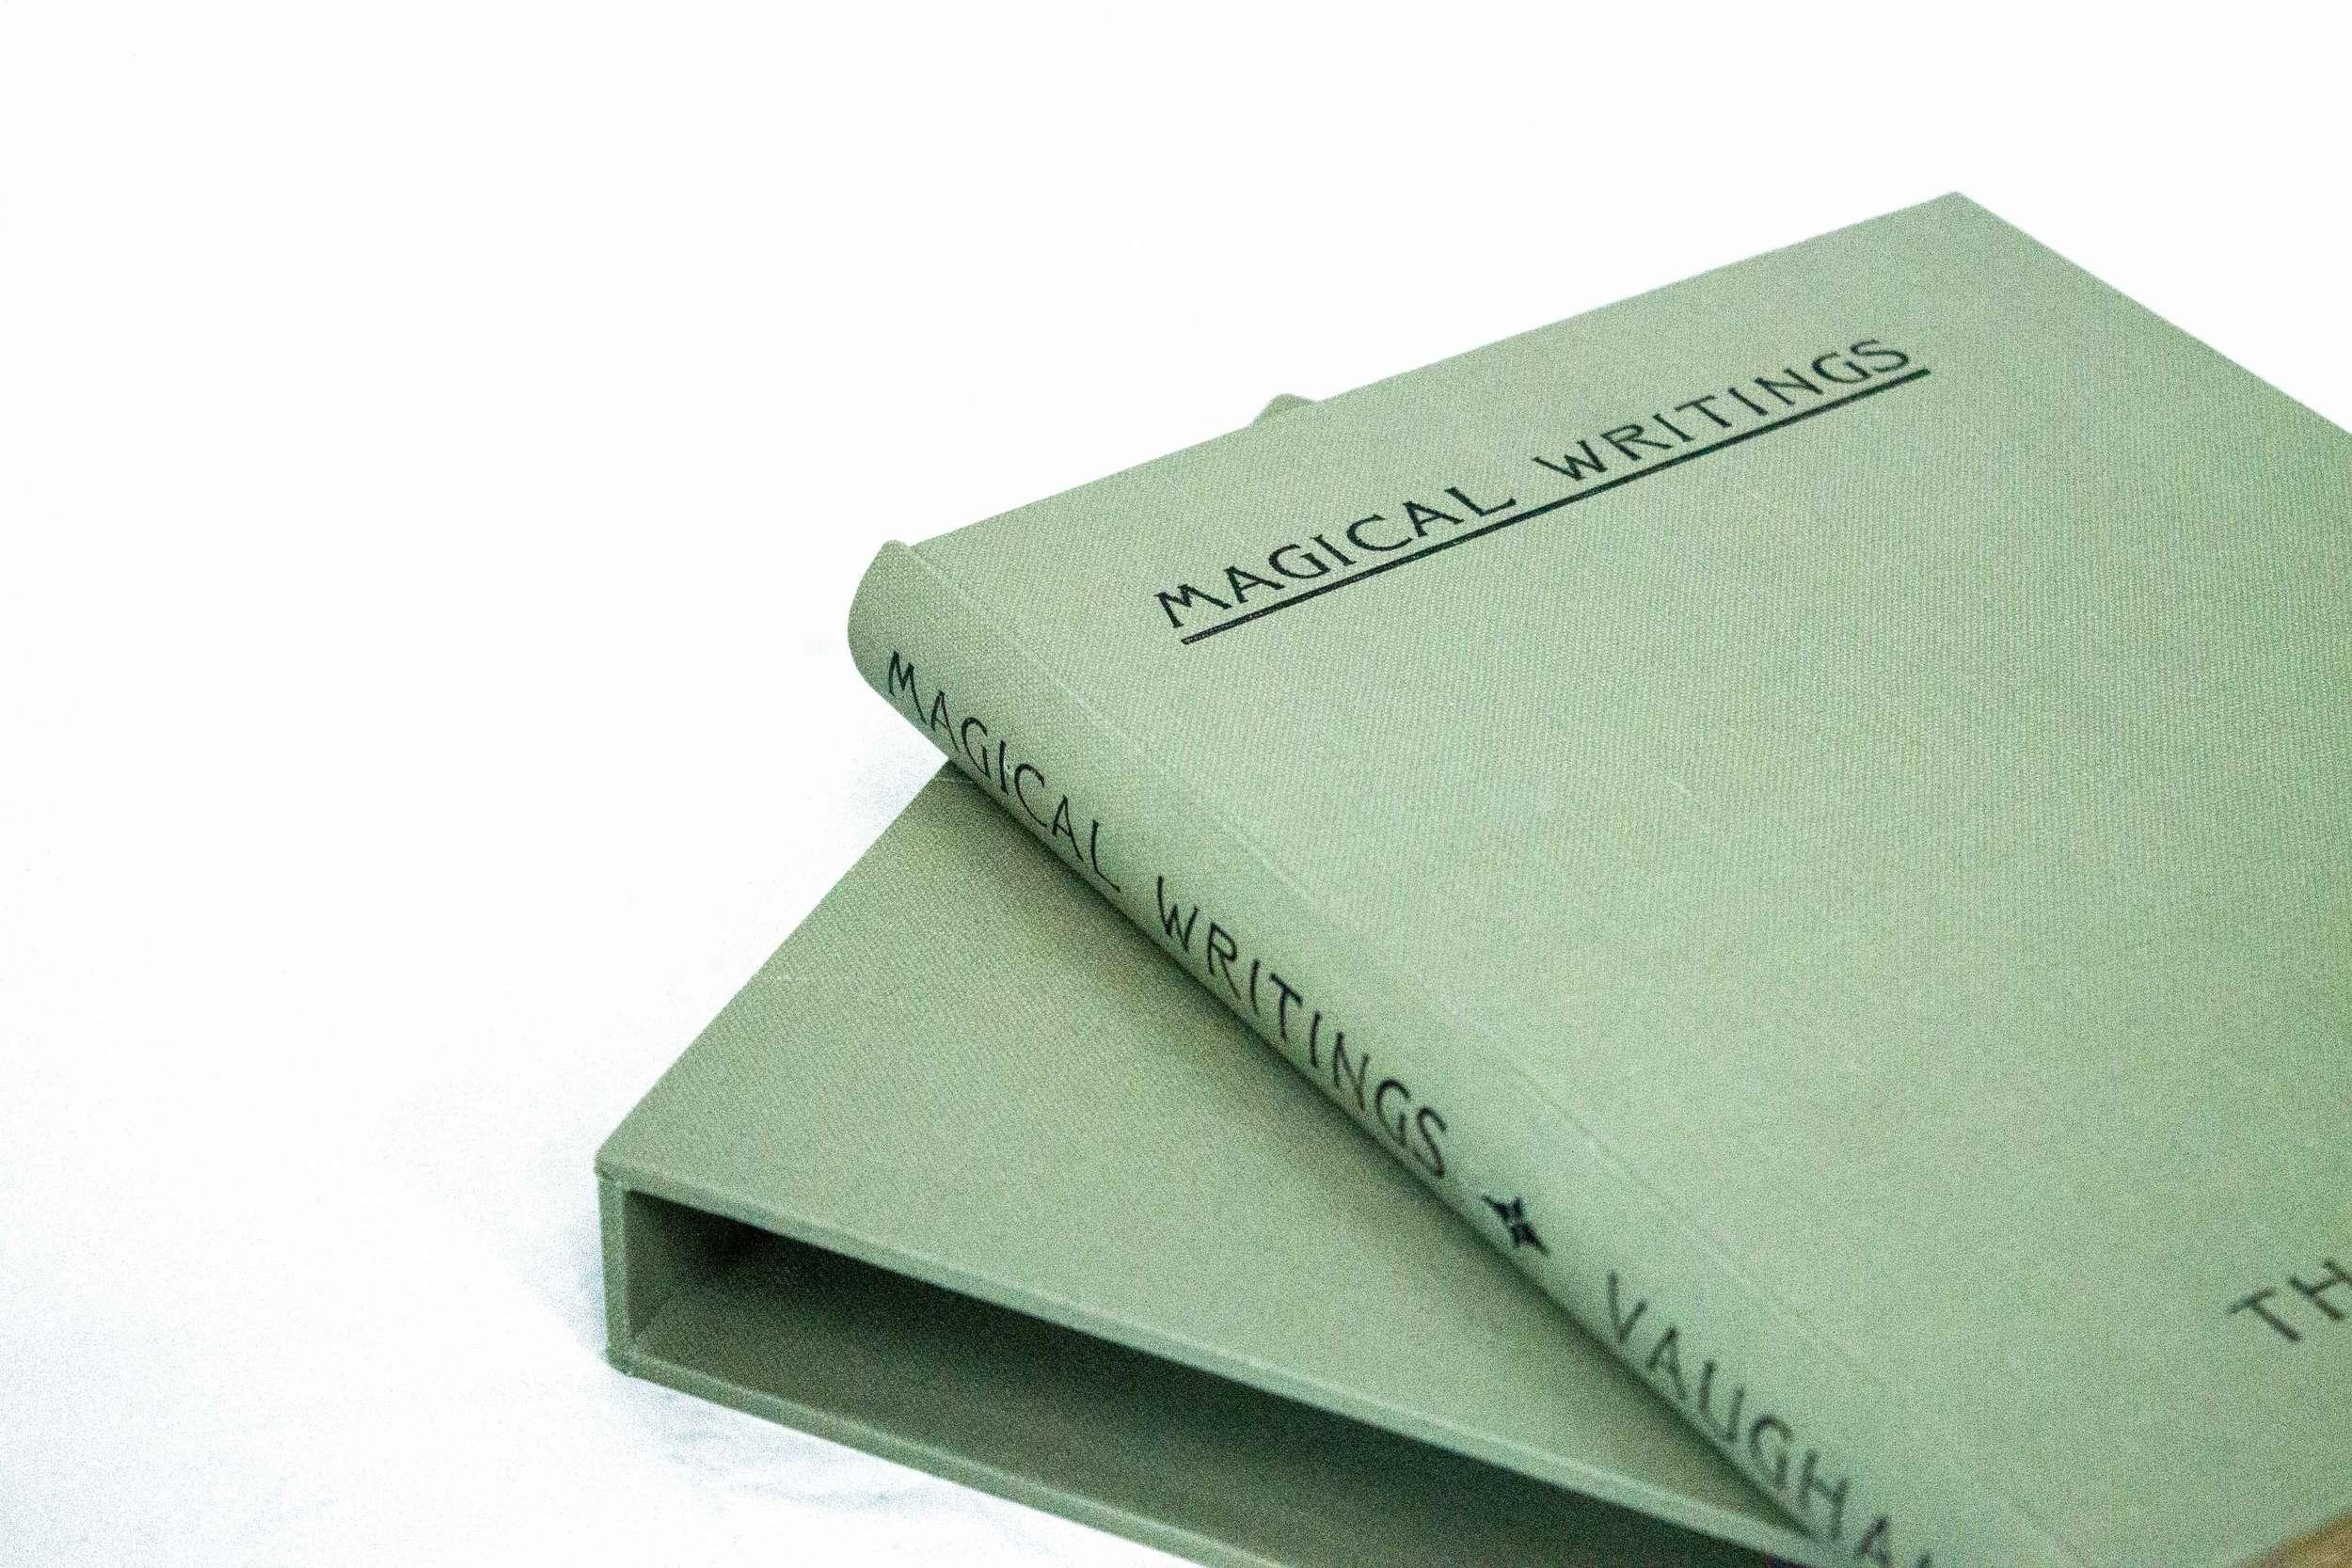 Archival box - slip case